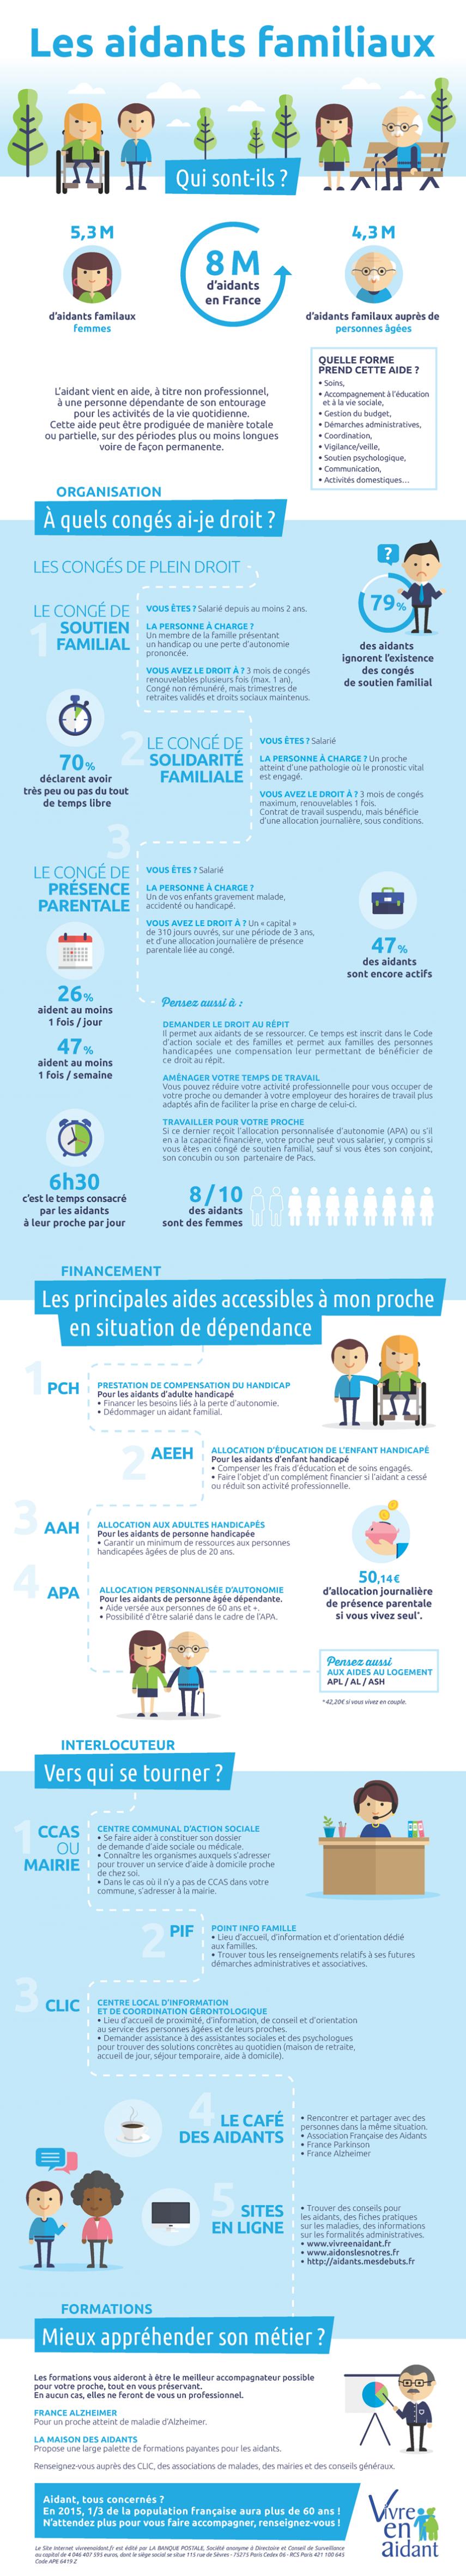 Infographie Aidant familial, Aide à la personne_Vivre En Aidant (1)